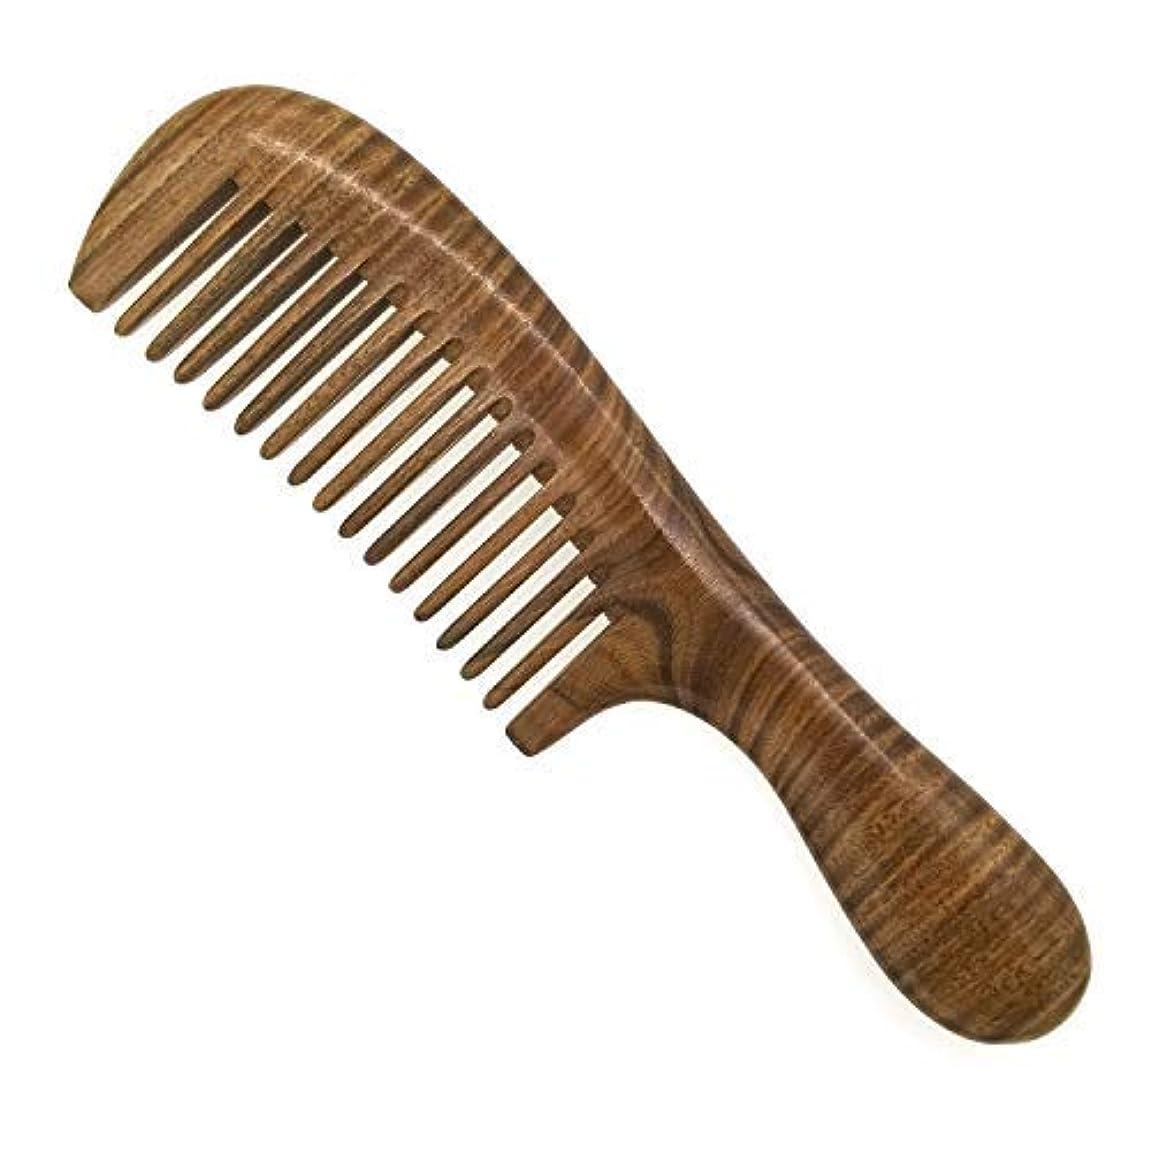 塗抹恩恵中毒ERZA SCARLET Real Natural Green Sandalwood Wooden Comb/Boutique Hair Comb - NO SNAGS,NO STATIC,NO TANGLE (Wide...